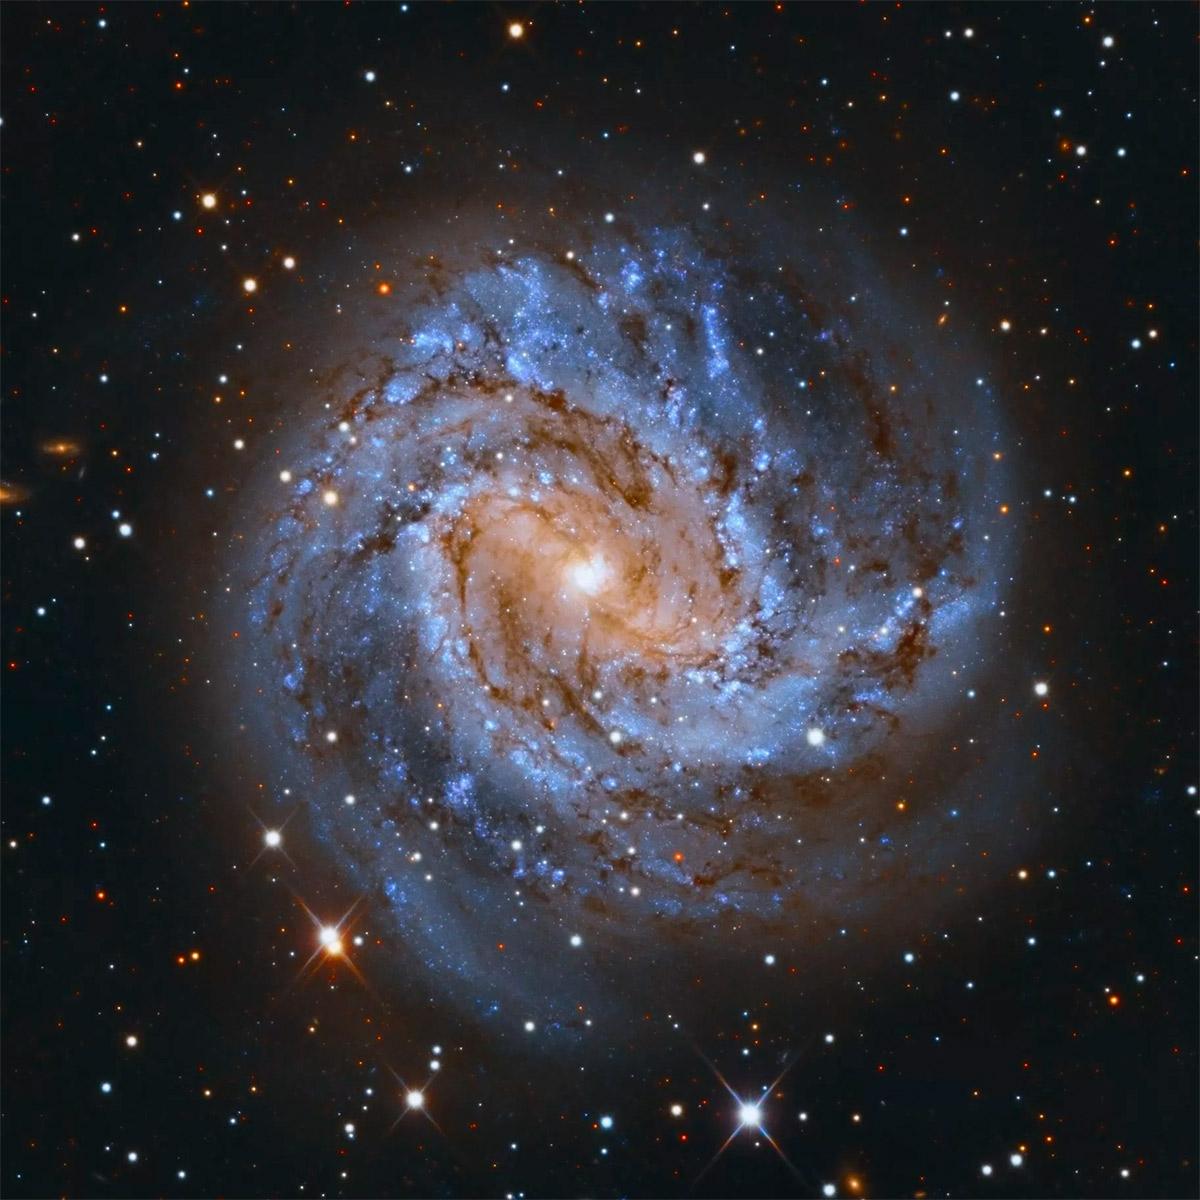 Спиральная галактика M83 - южная вертушка или южное колесо, как ей иногда называют